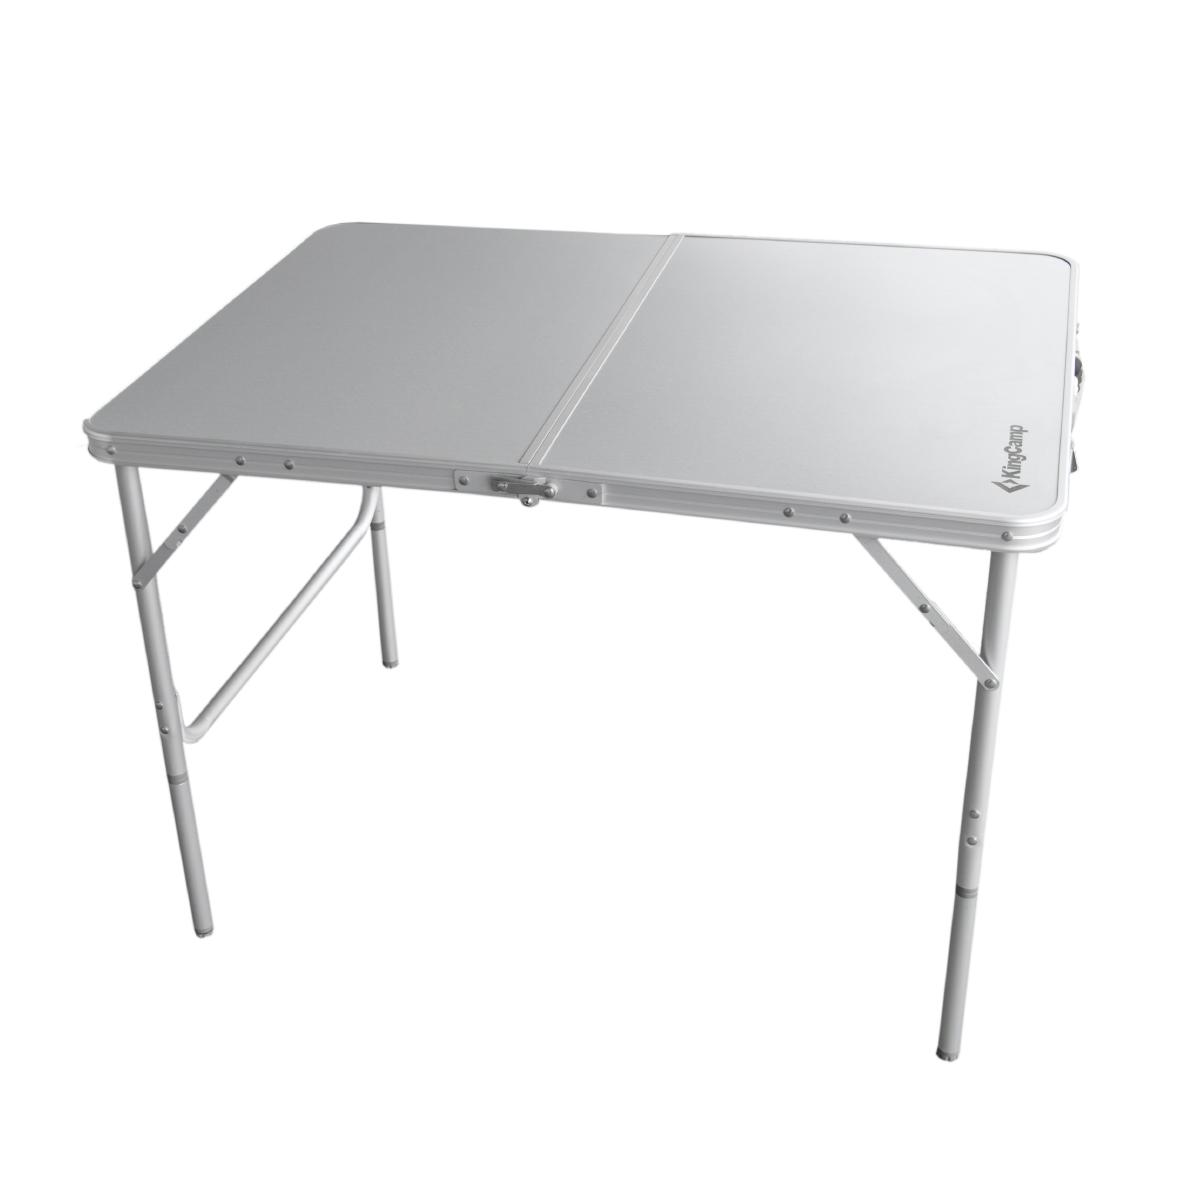 Kempingový stůl KING CAMP Alu - 100 x 70 cm